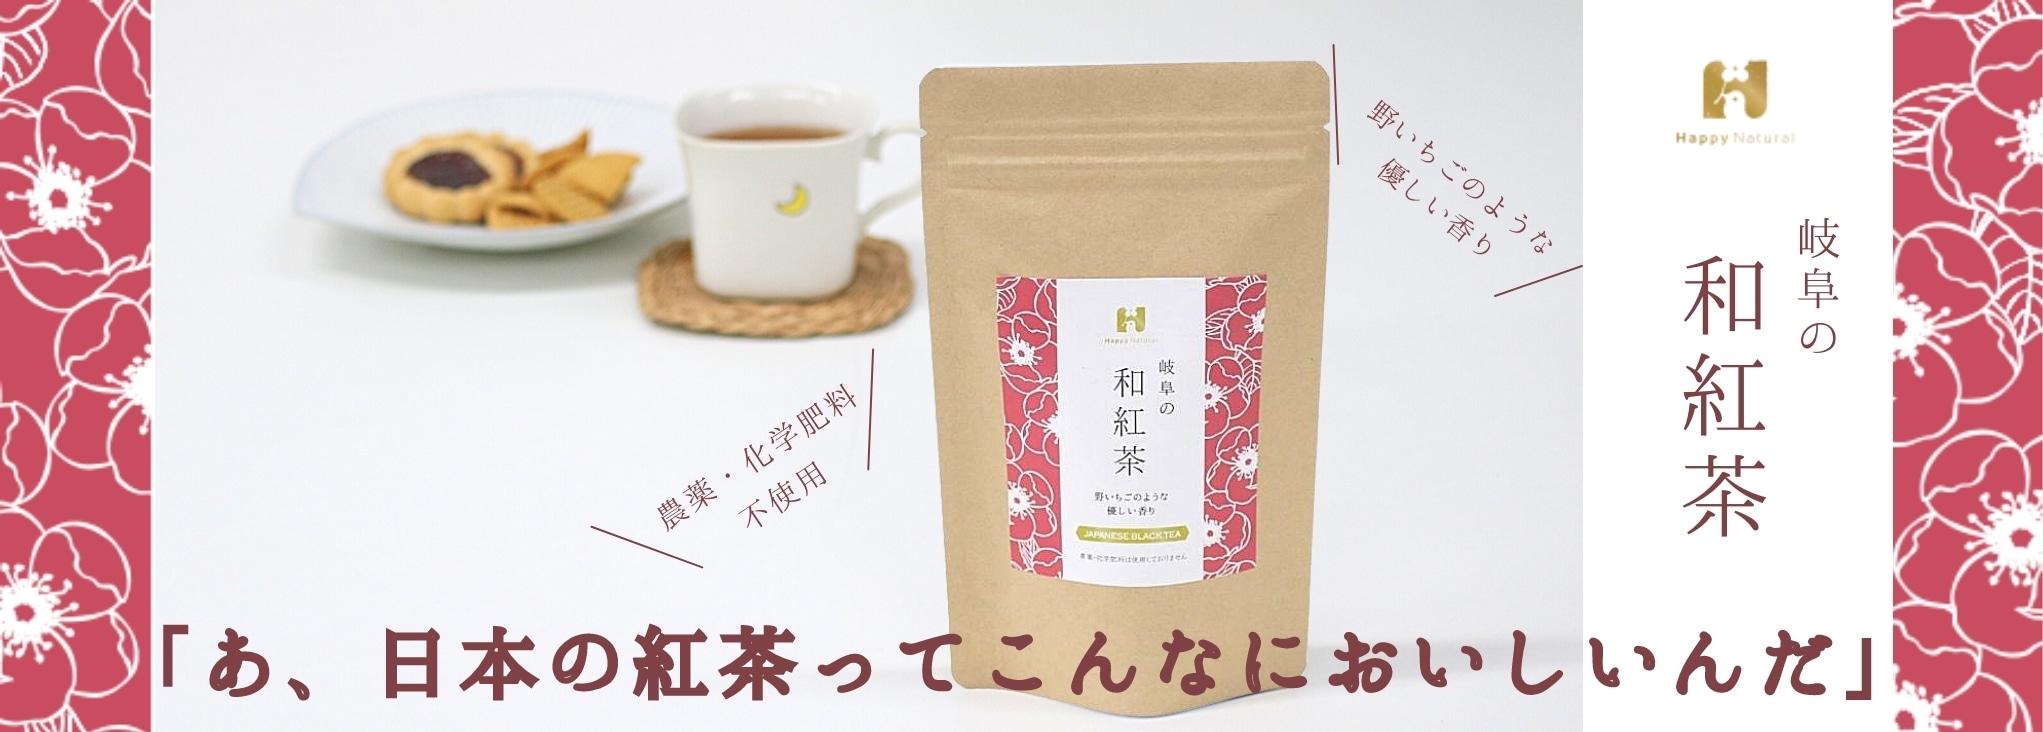 岐阜の和紅茶